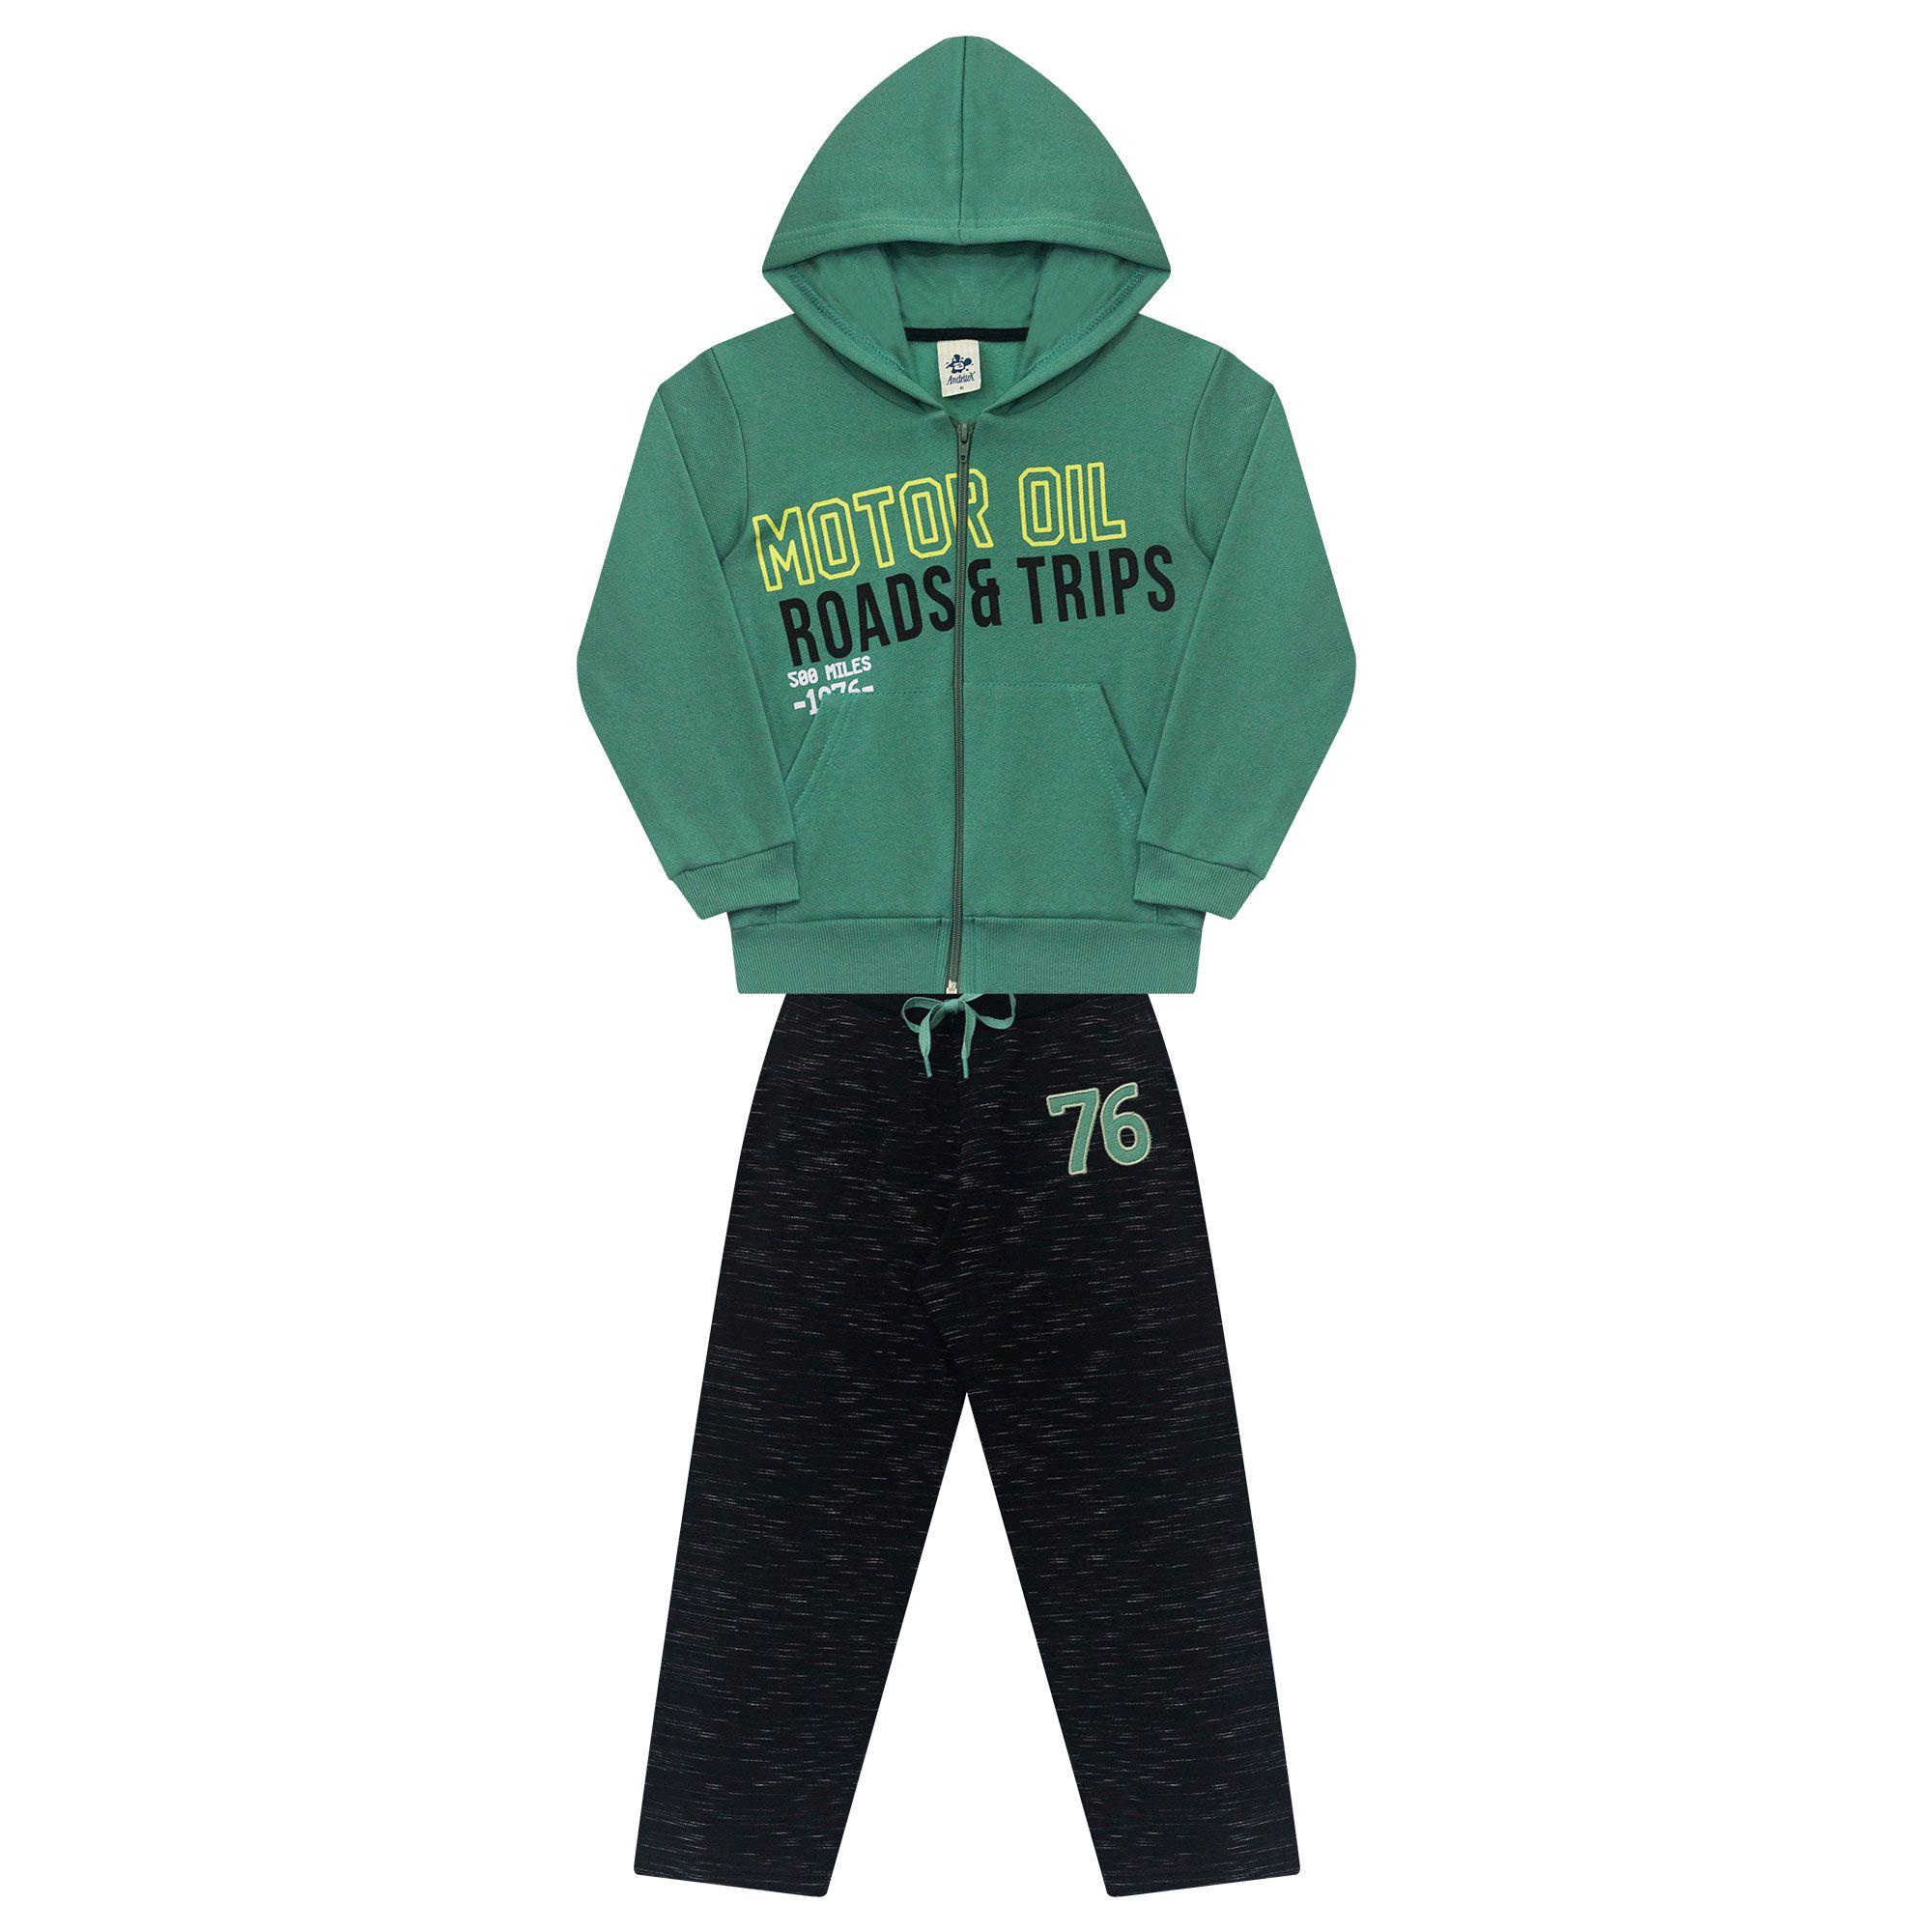 Conjunto Infantil Masculino  - Ref 5019 - Verde Mineral/Preto